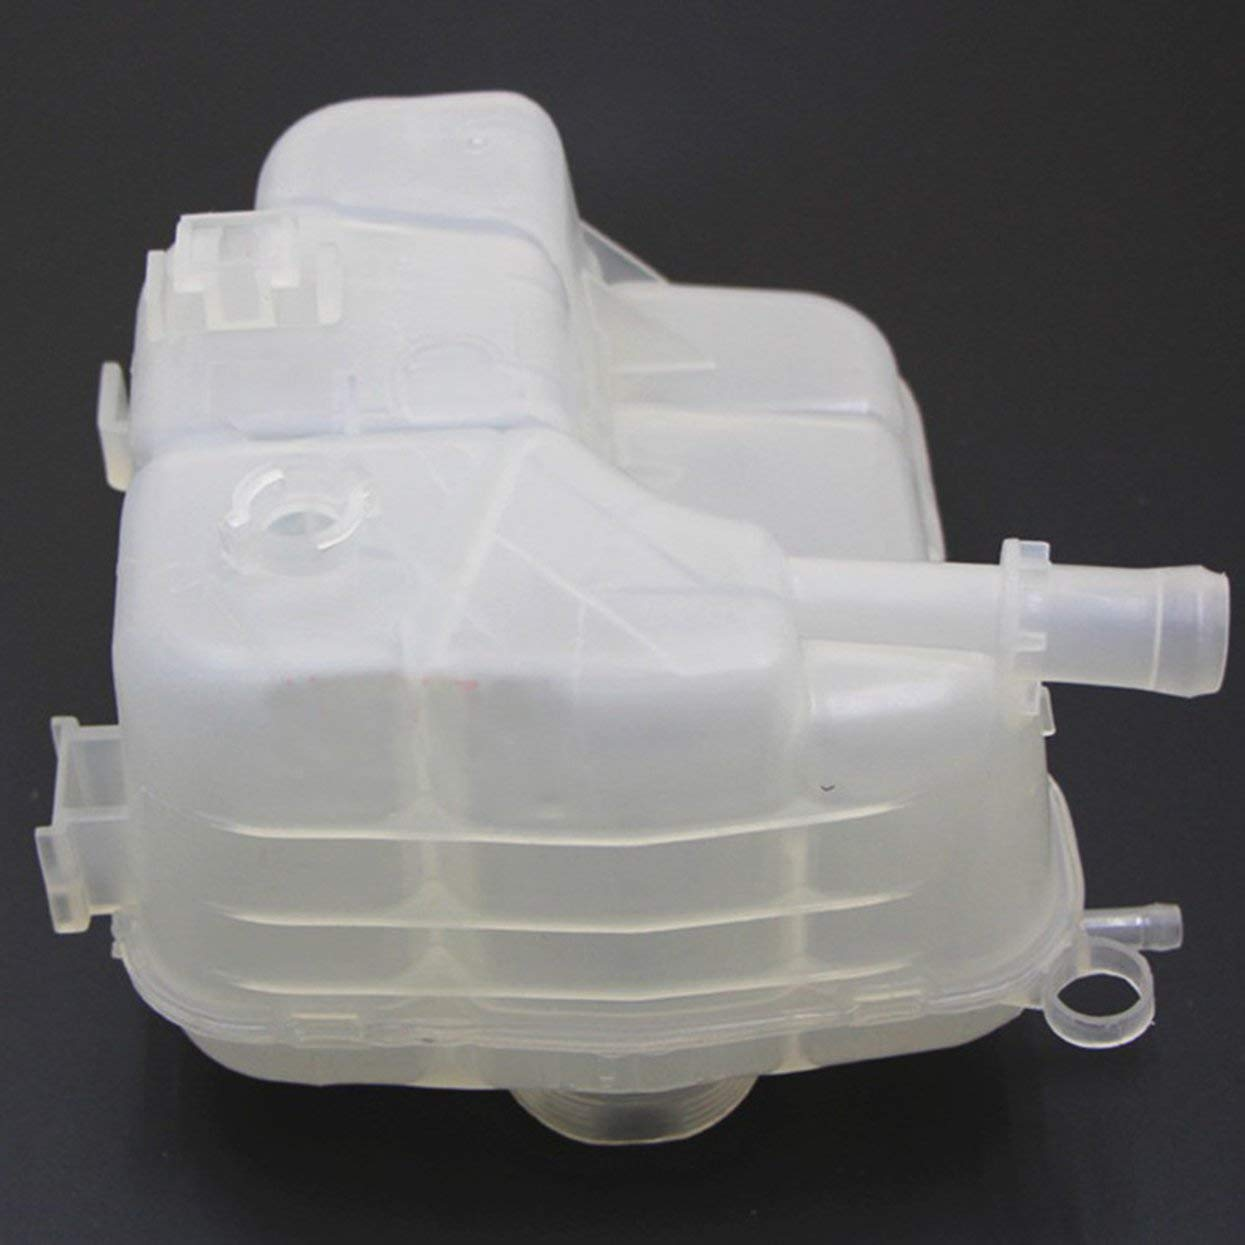 Tree-on-Life El Tanque de desbordamiento de refrigerante del Motor de expansi/ón del radiador para Chevrolet Cruze Orlando